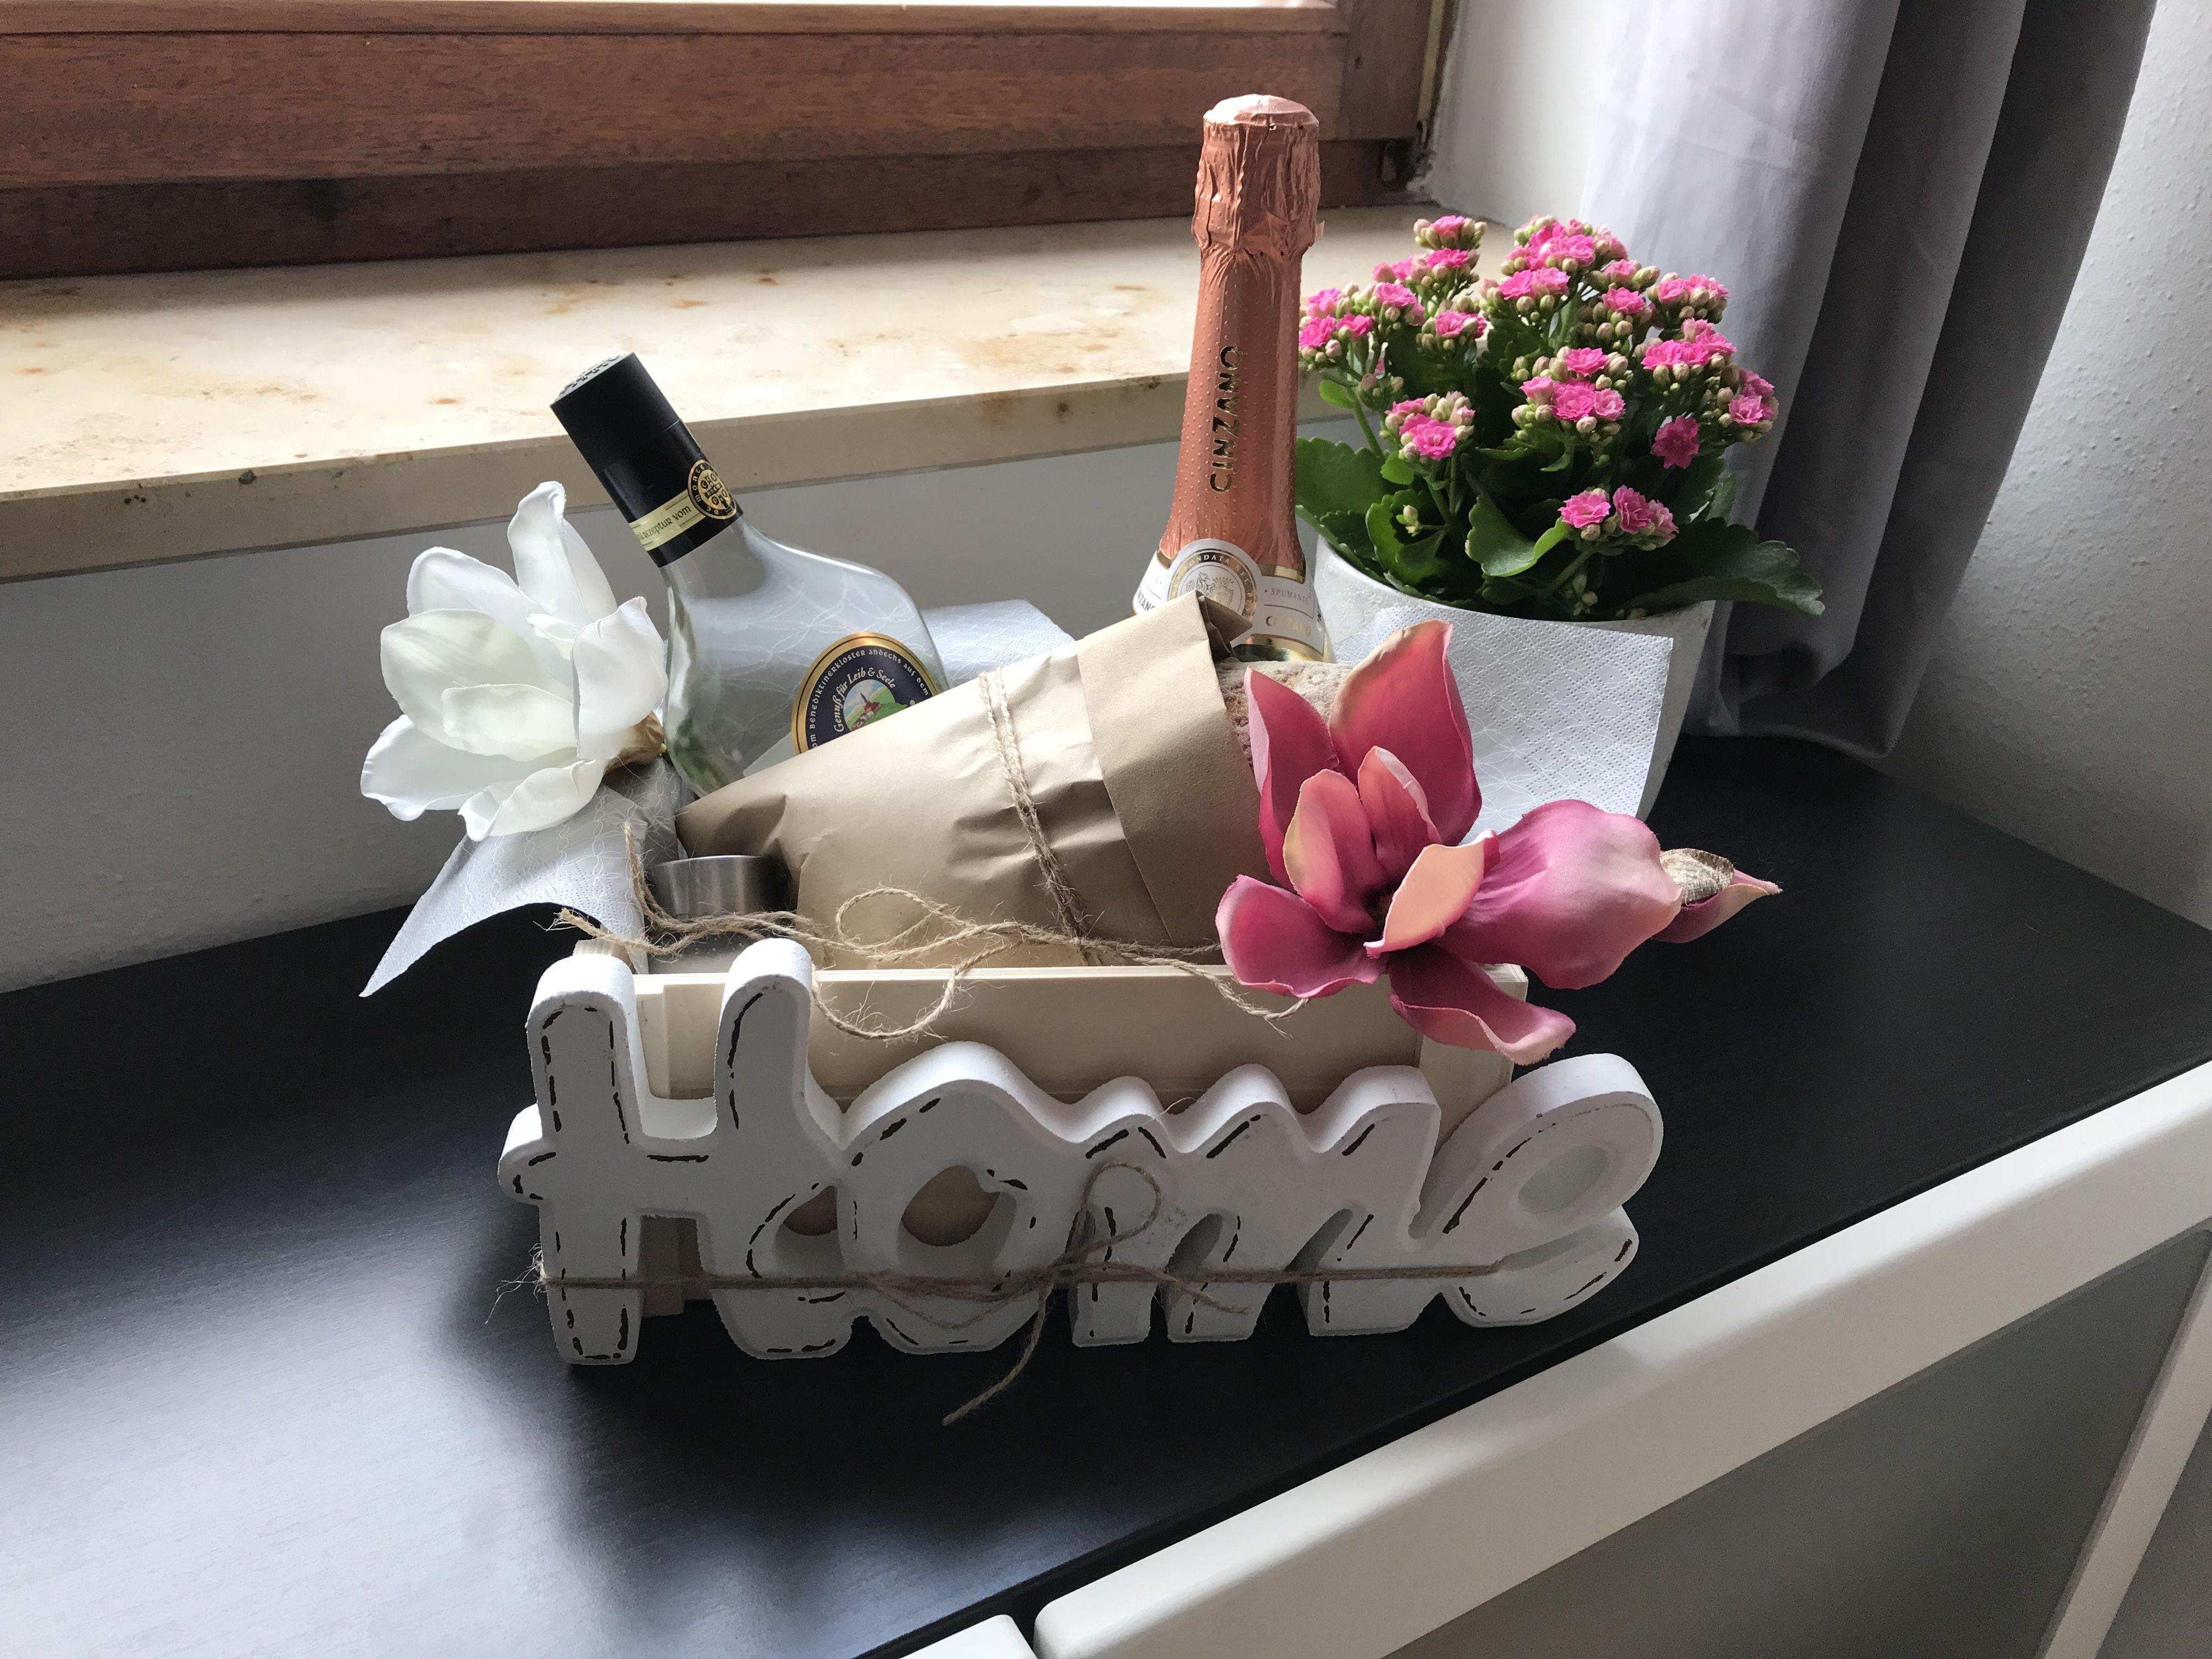 Einweihungsgeschenk Neue Wohnung Geschenke Zur Einweihung Einweihungsgeschenk Haus Einweihung Geschenk